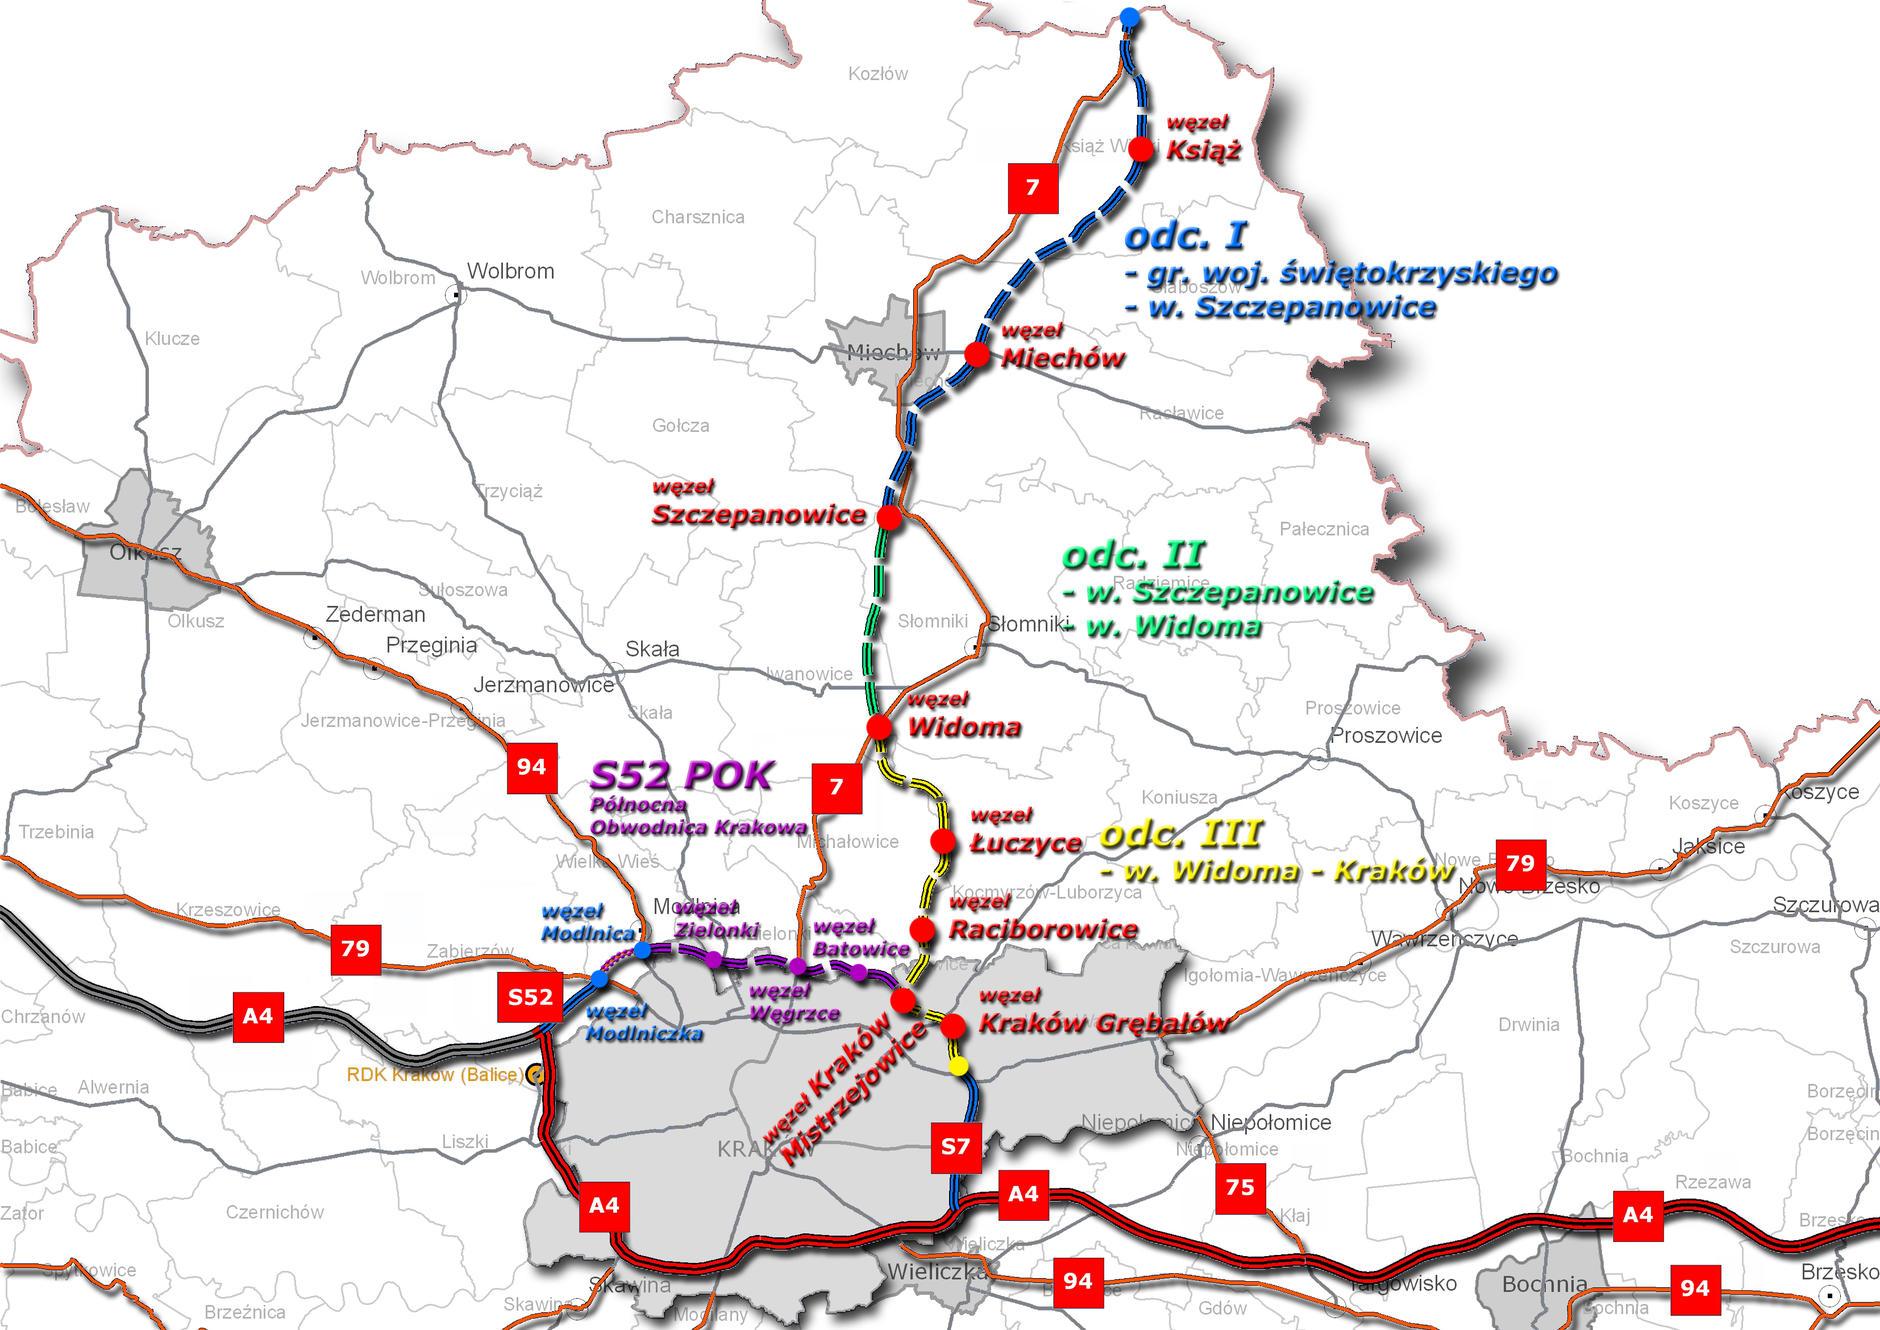 Umowa na odcinek S7 Widoma - Kraków została podpisana